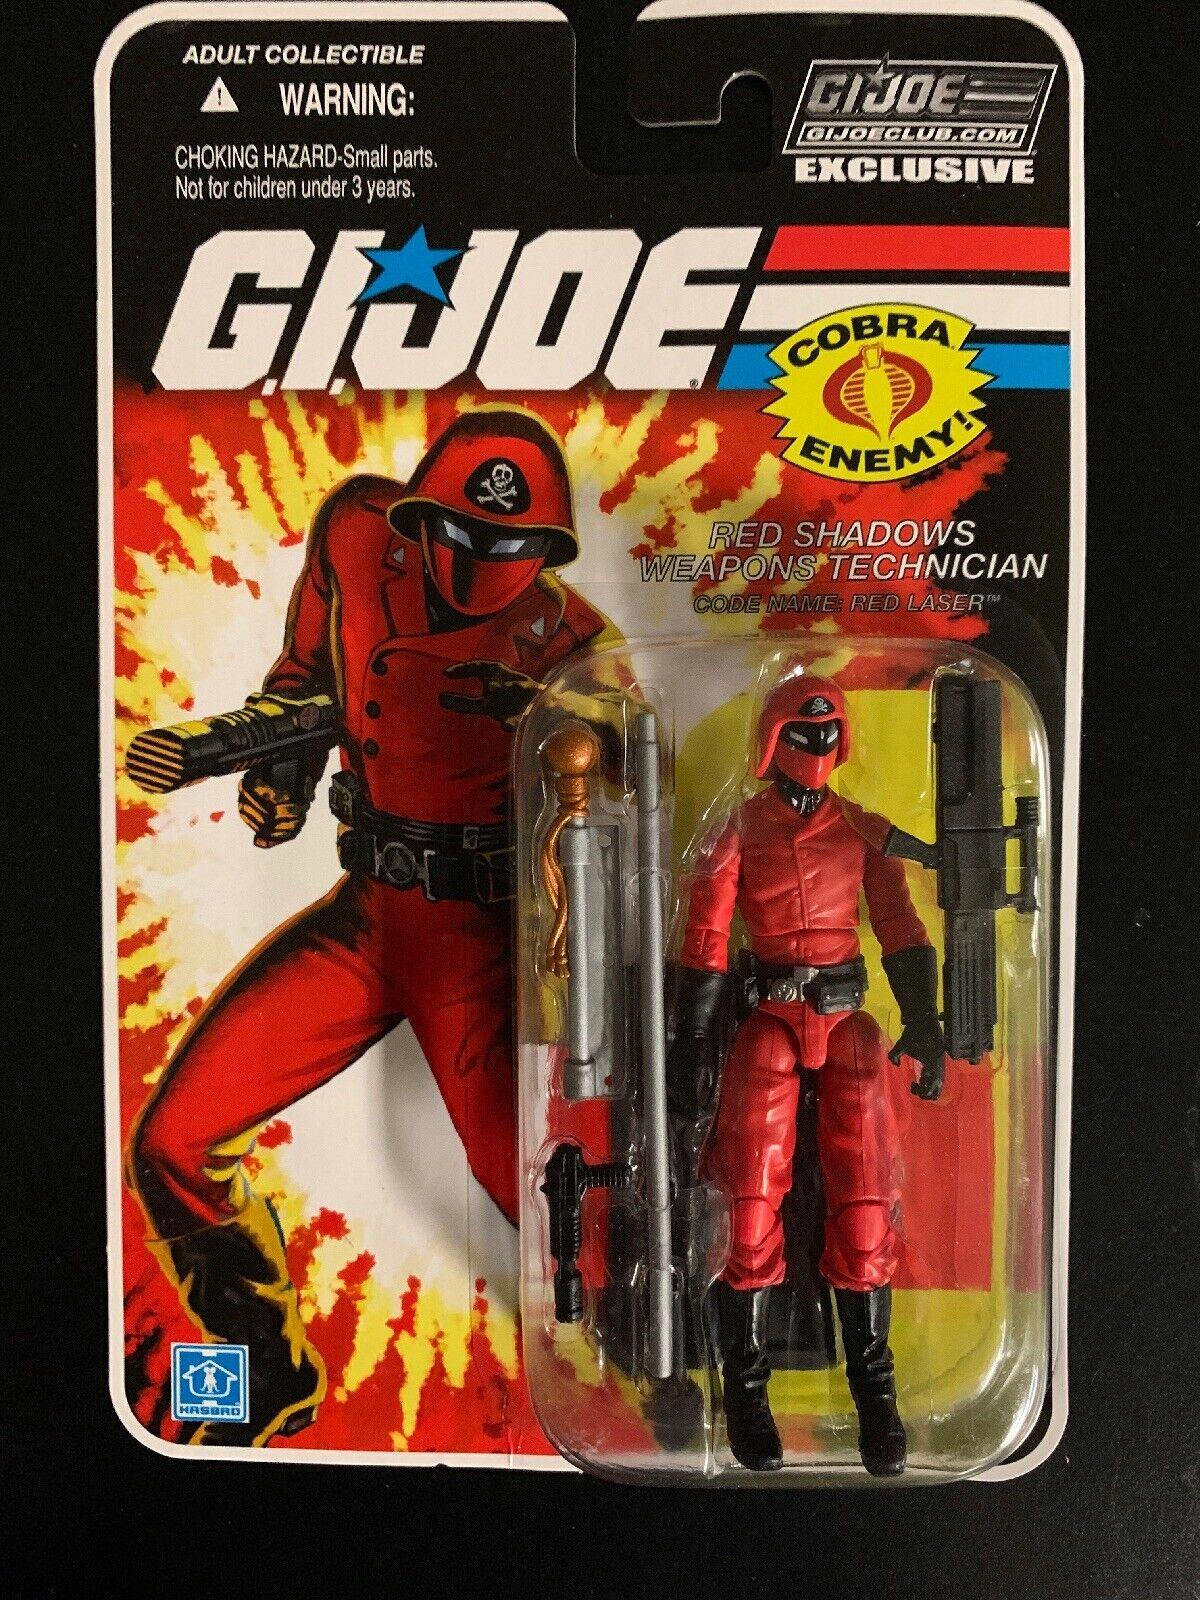 GI JOE FSS 8.0 02 rosso Laser rosso Shadows Weapons Technician MISP